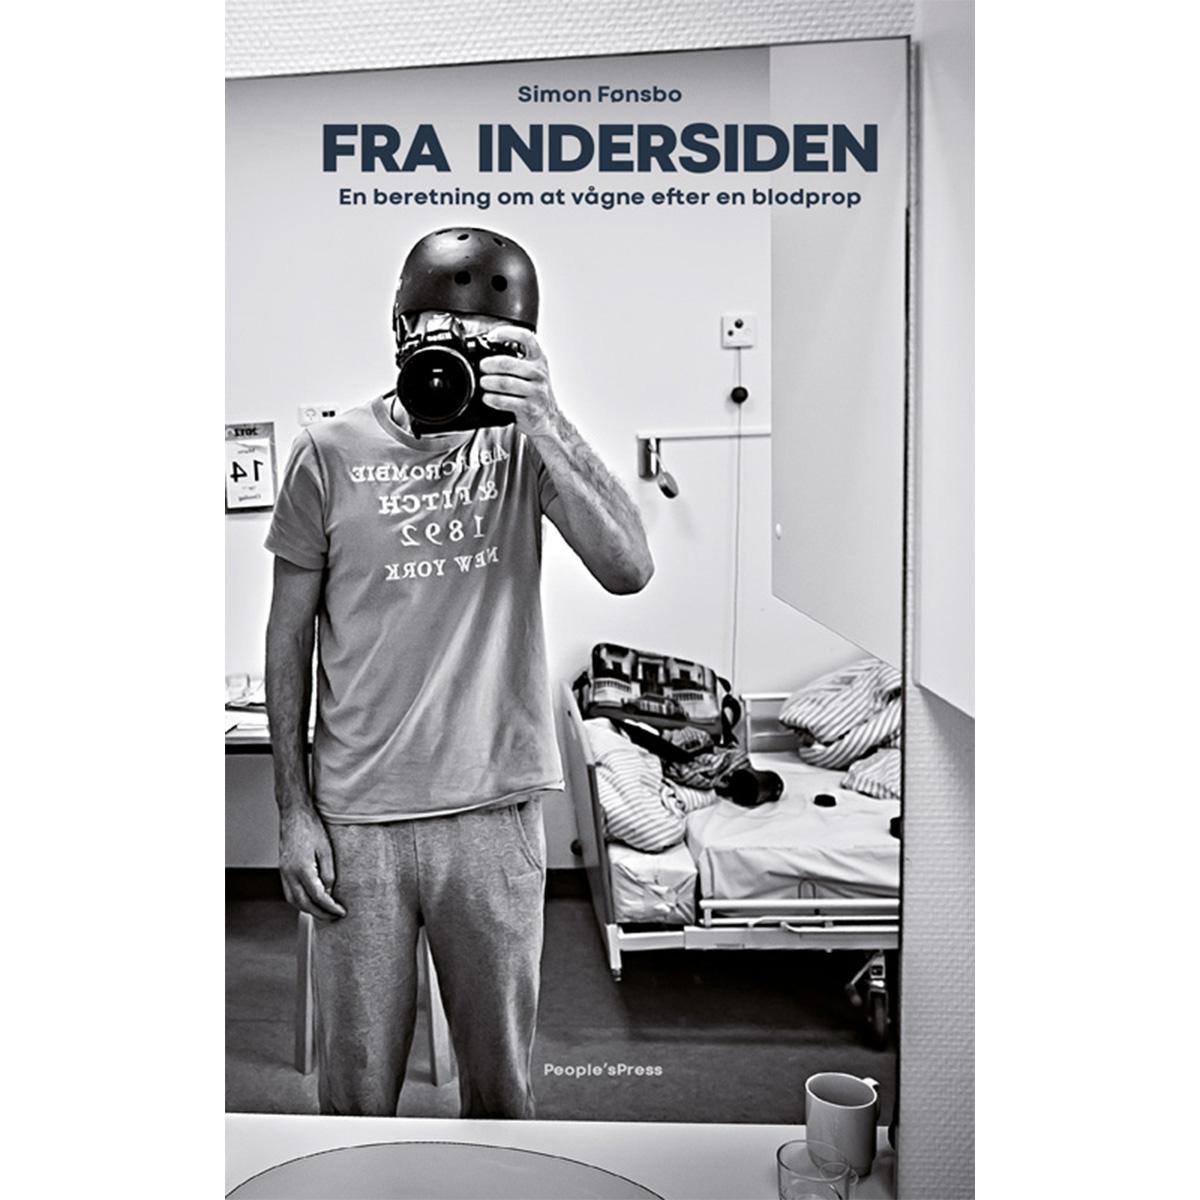 Fra indersiden - En beretning om at vågne efter en blodprop - Hæftet